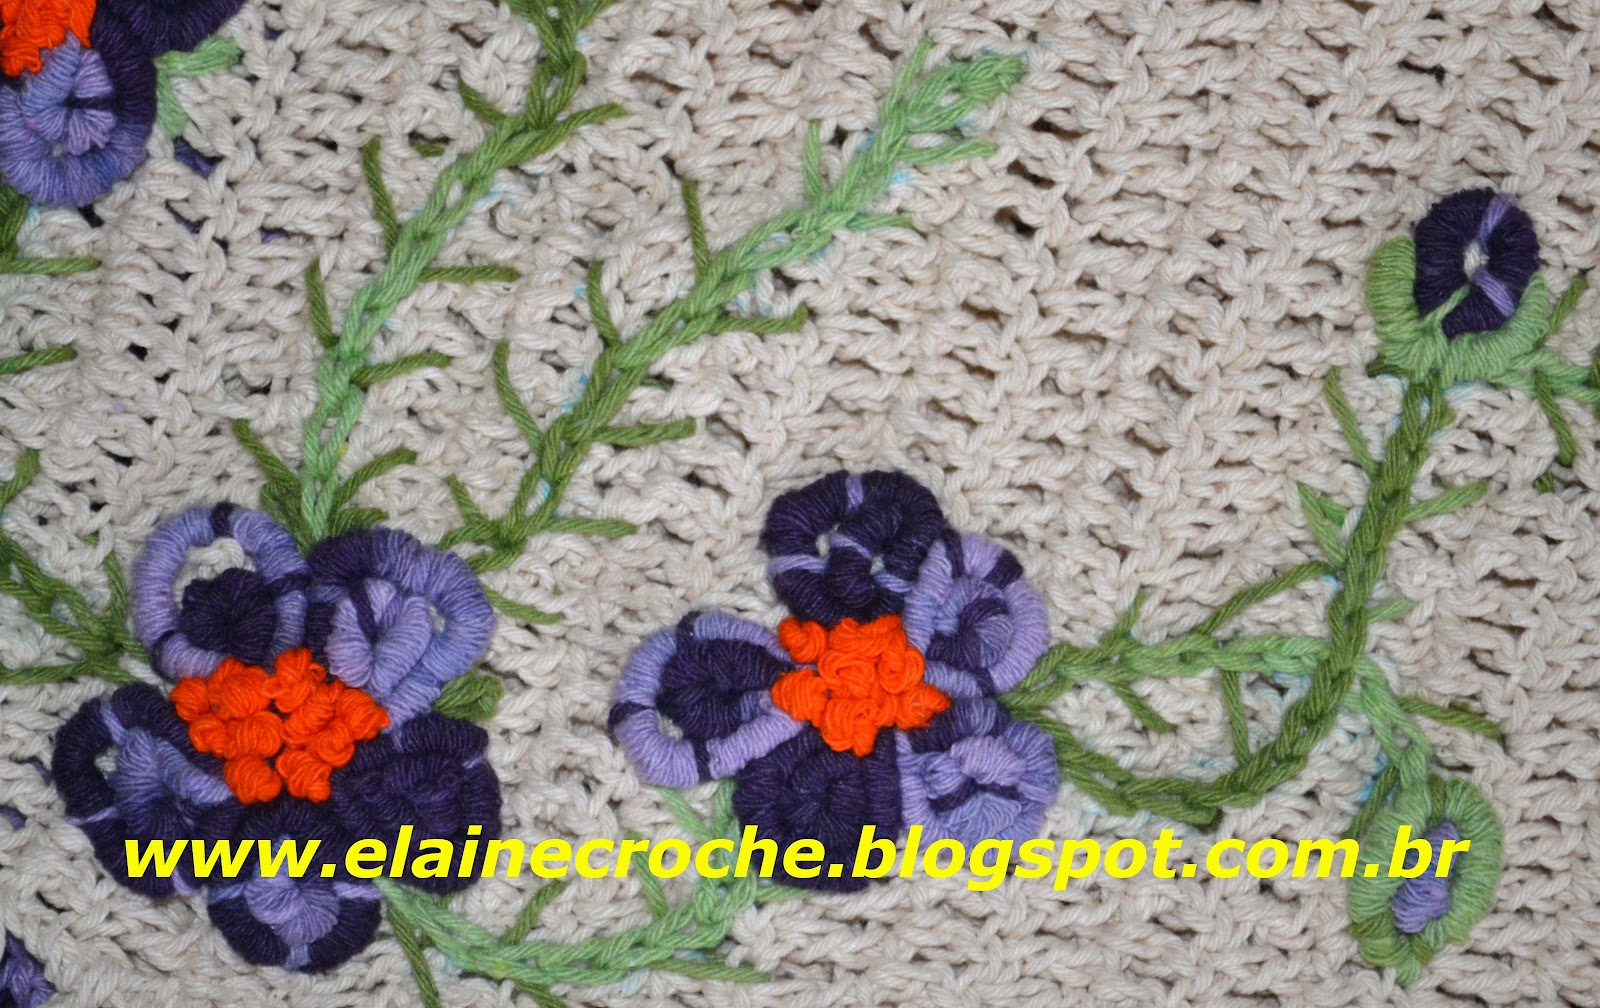 Elaine Croche: Bordado em Crochê Barbante Multicores Premium #C72E04 1600 1008